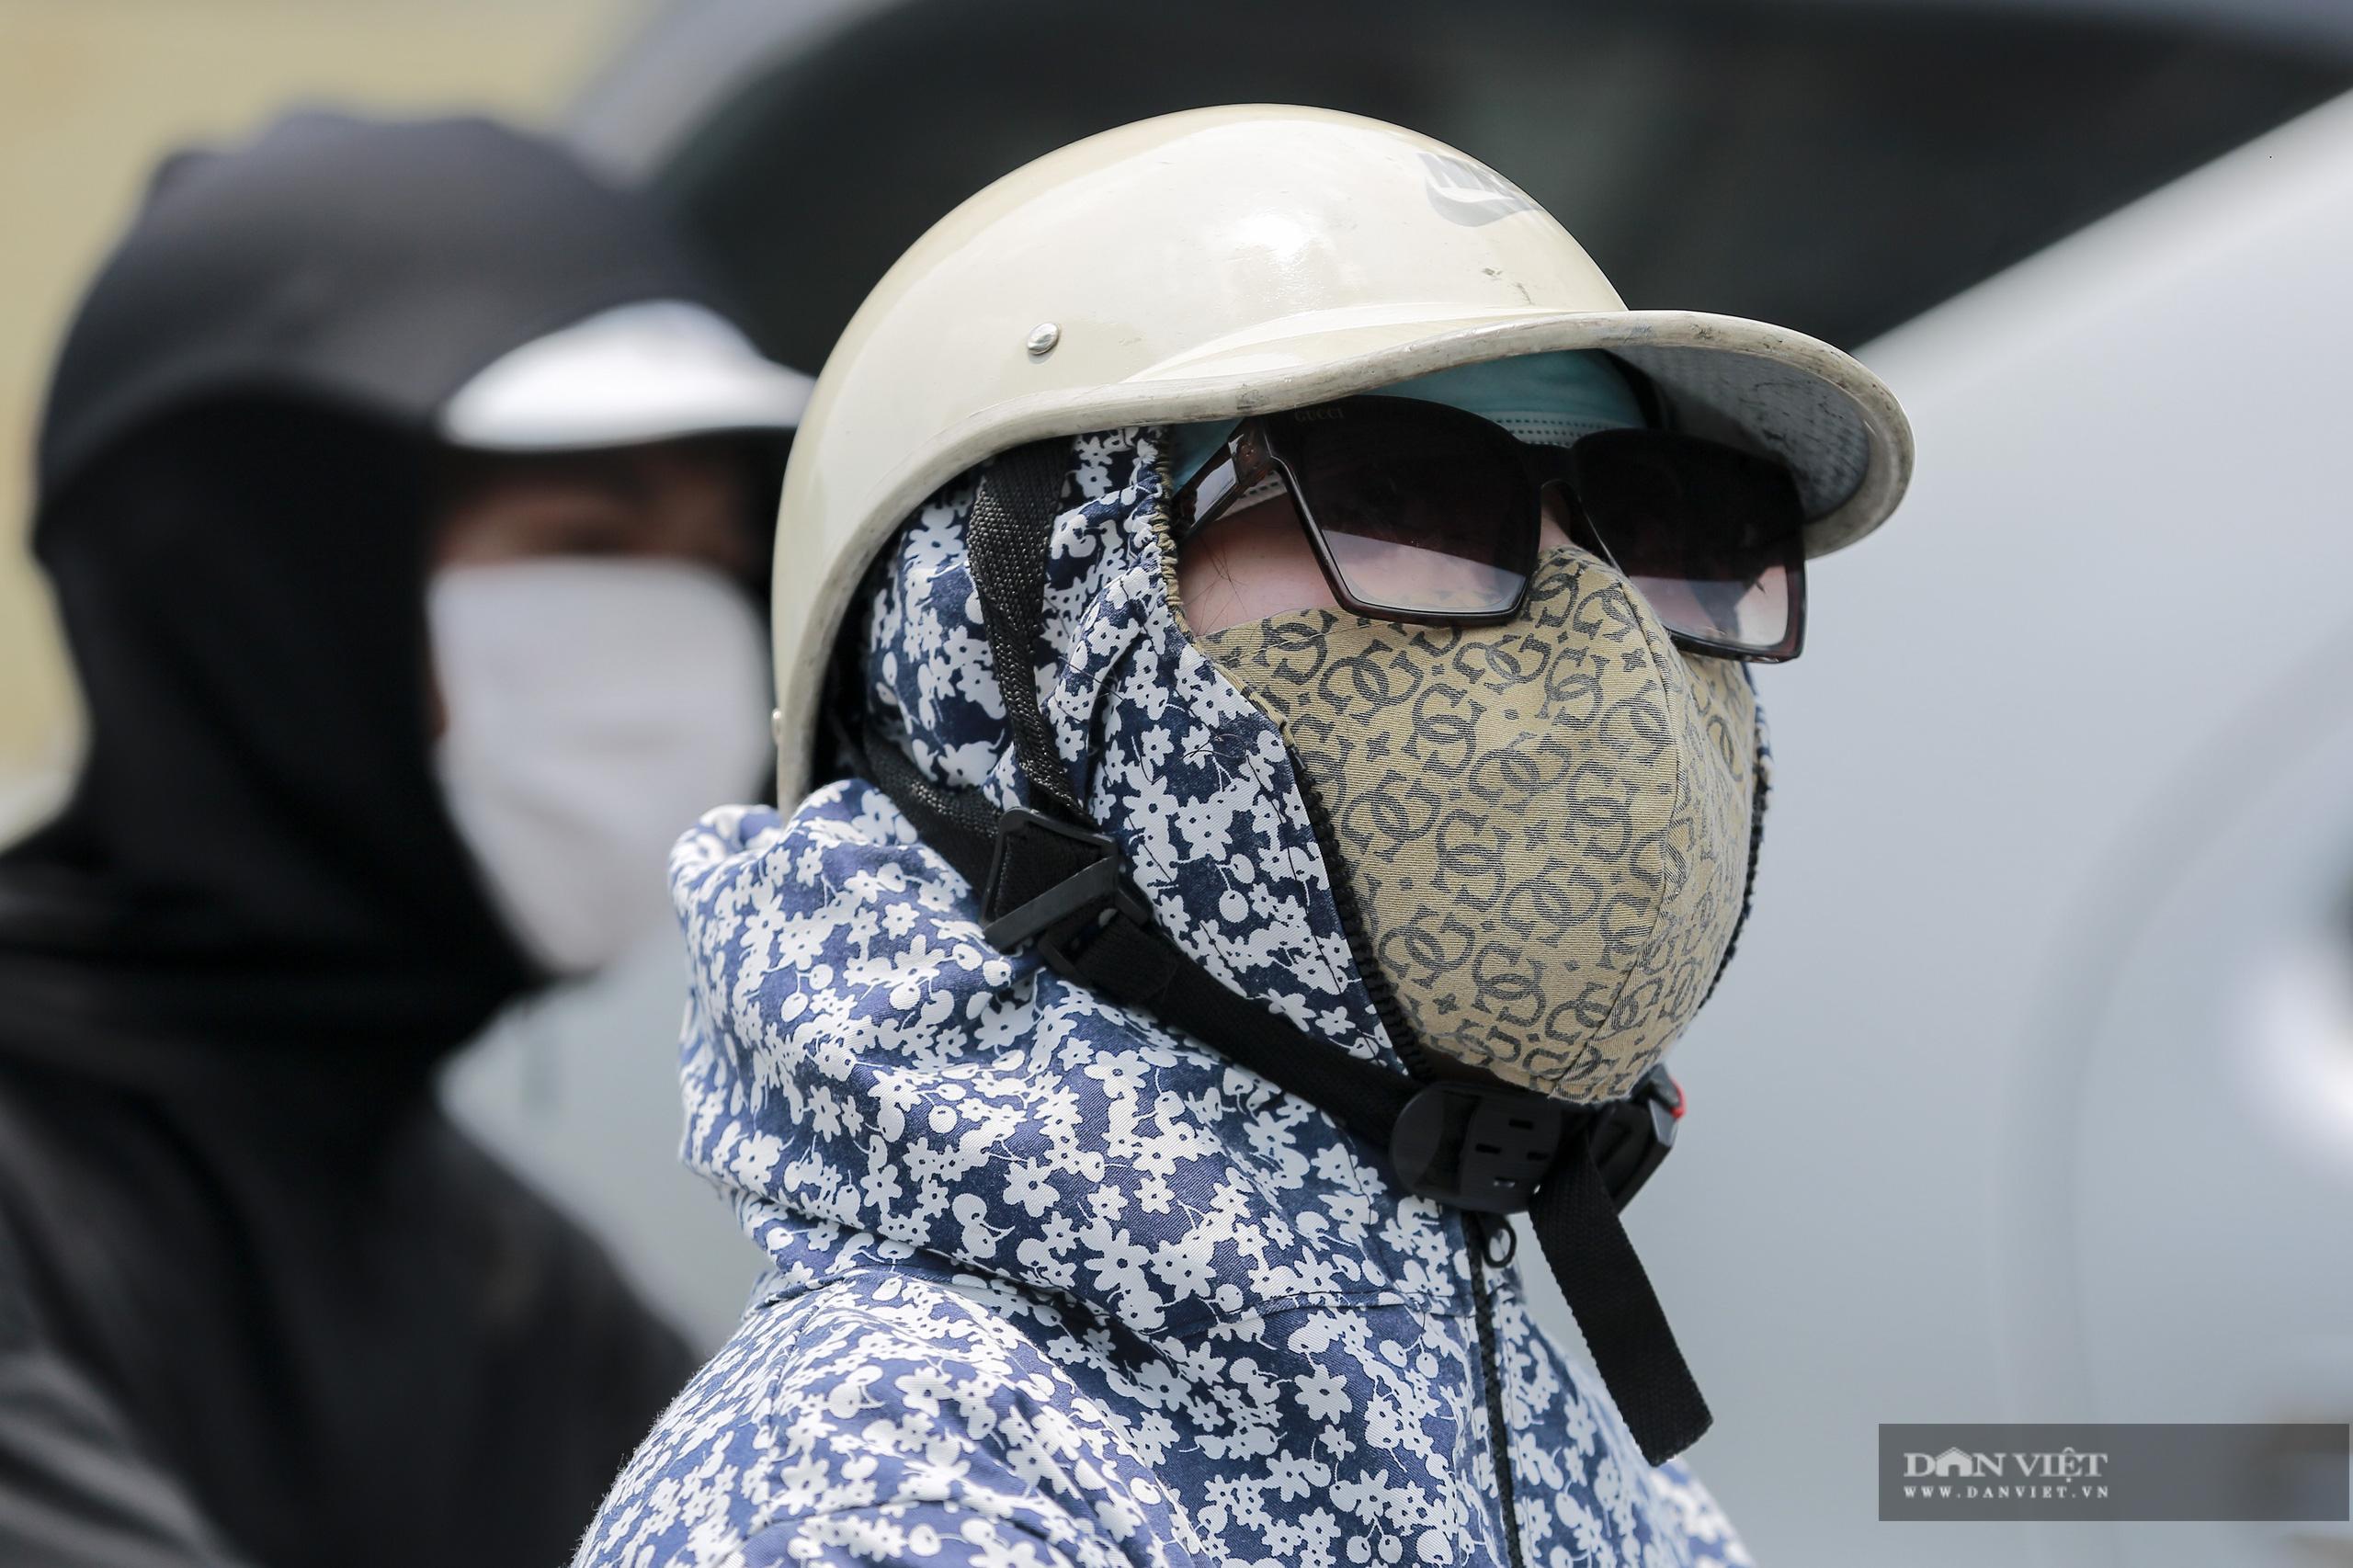 Hà Nội nắng nóng gần 40 độ C, phụ nữ lái ô tô với trang phục kín mít - Ảnh 3.